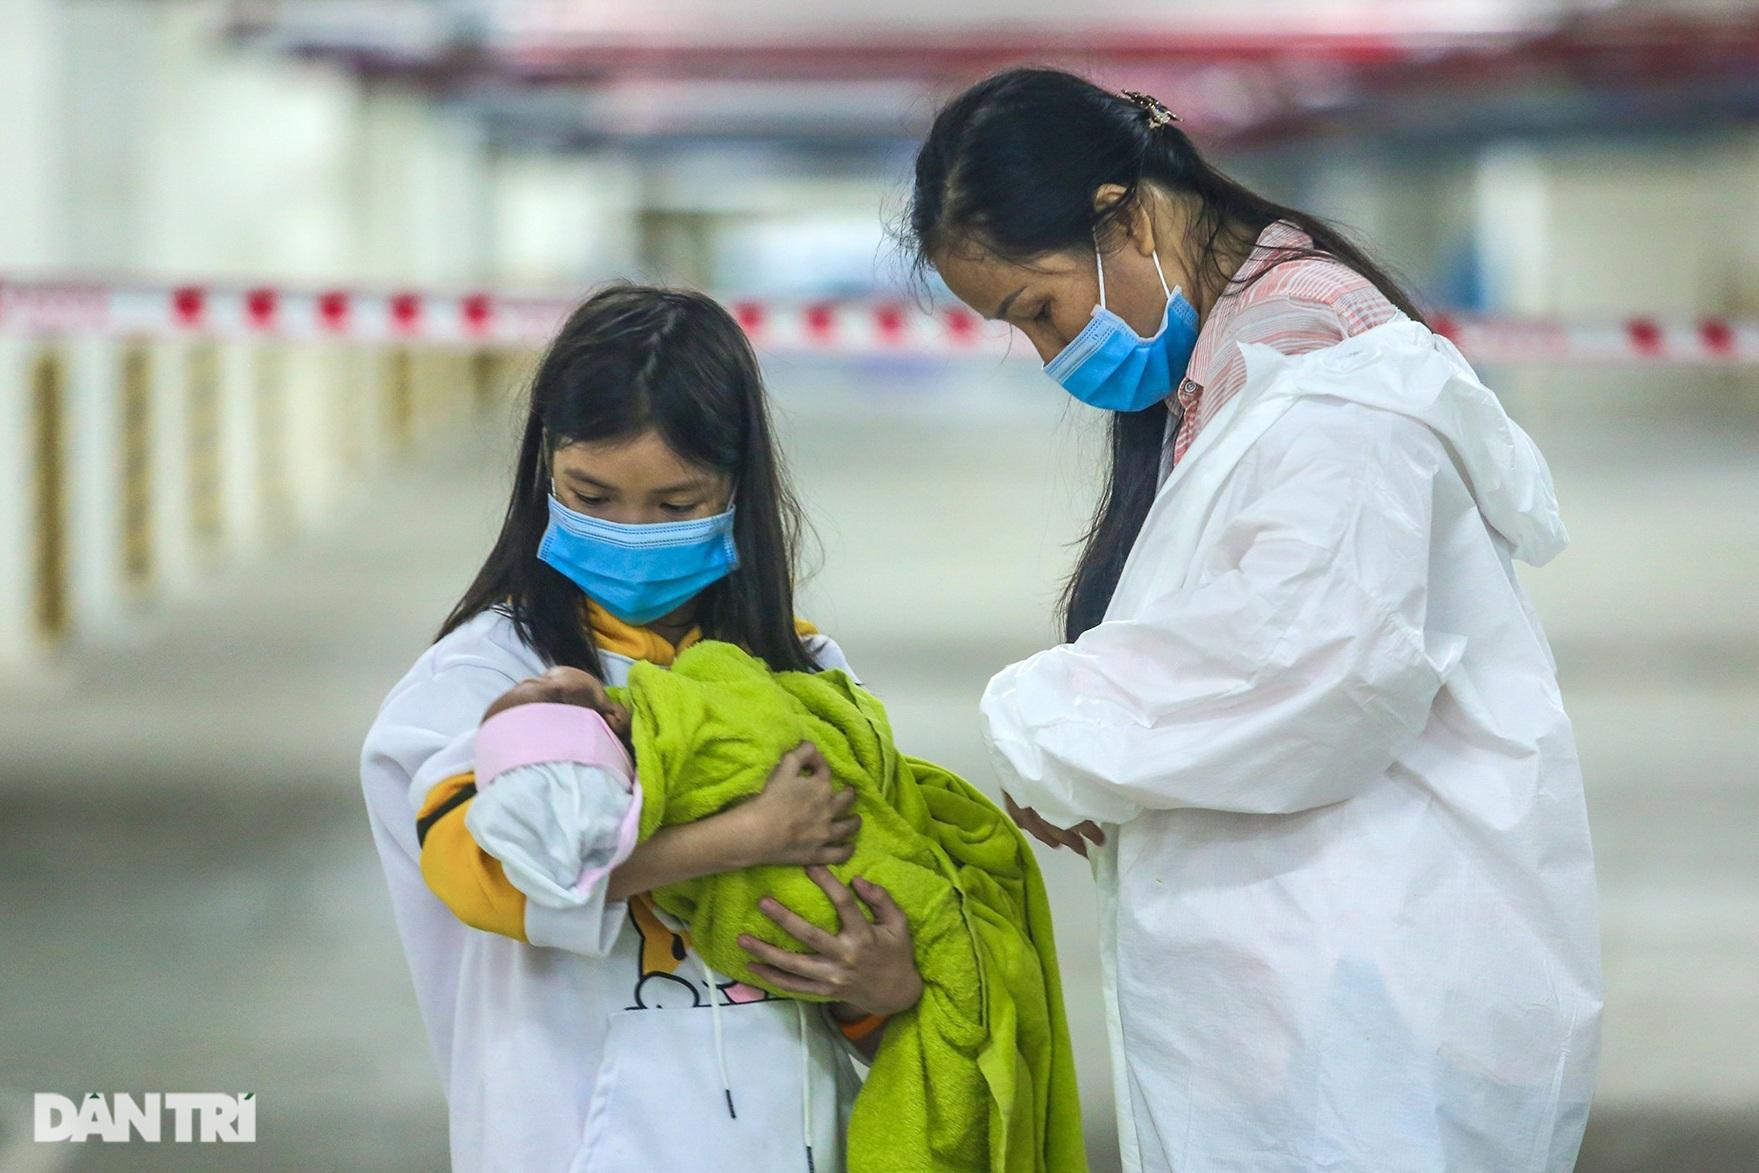 Chị 7 tuổi bế em một tháng tuổi đi điều trị Covid-19 ở BV dã chiến TPHCM - 9